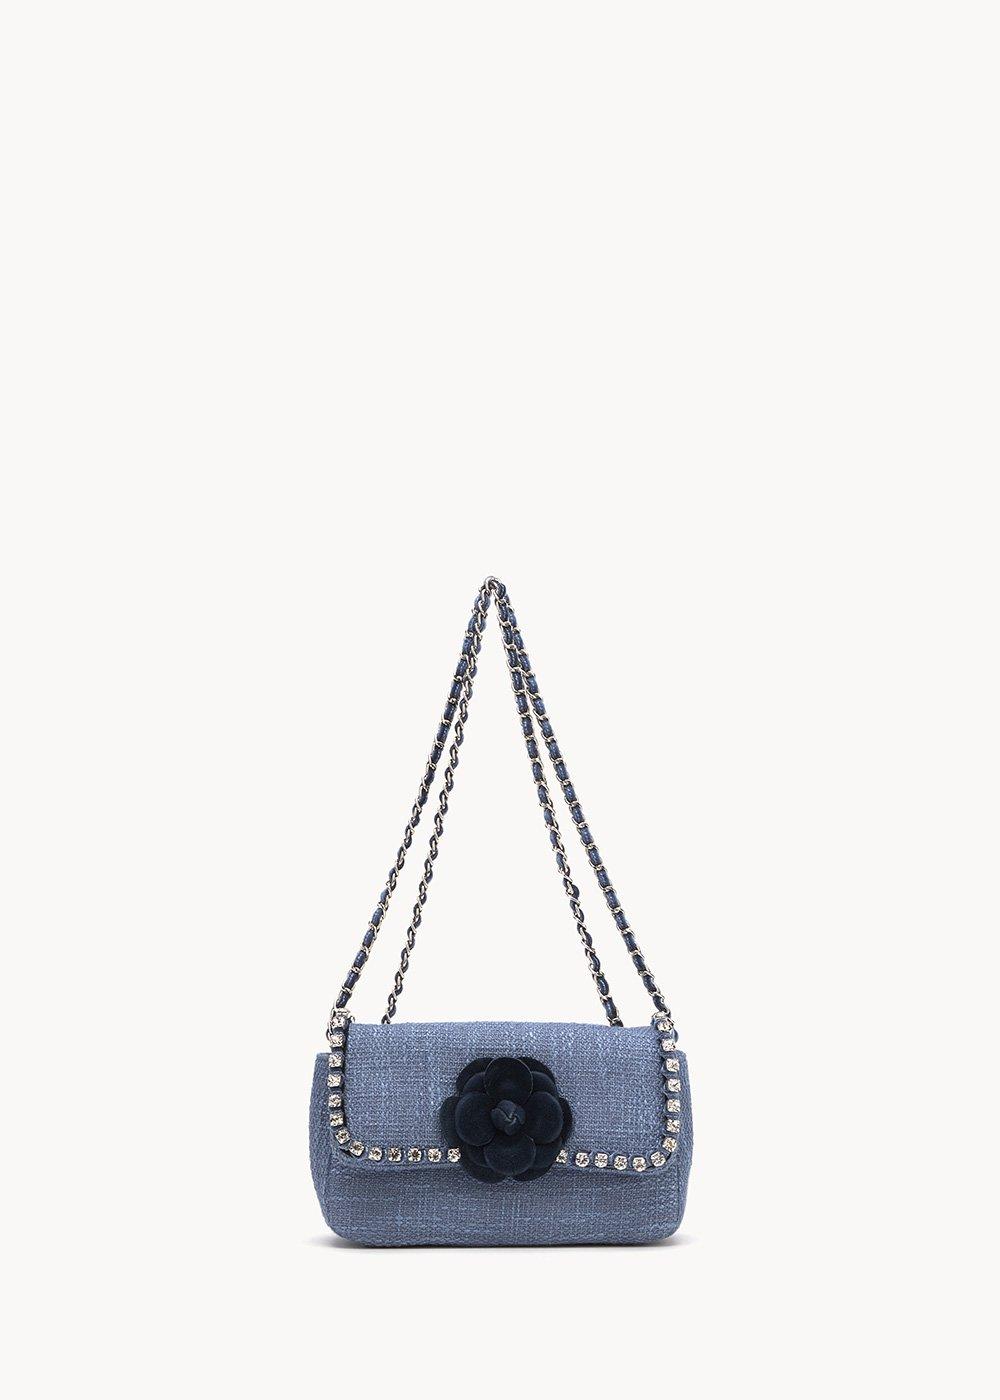 Pochette Bally con strass e tracolla - Fog / Dark Blue - Donna